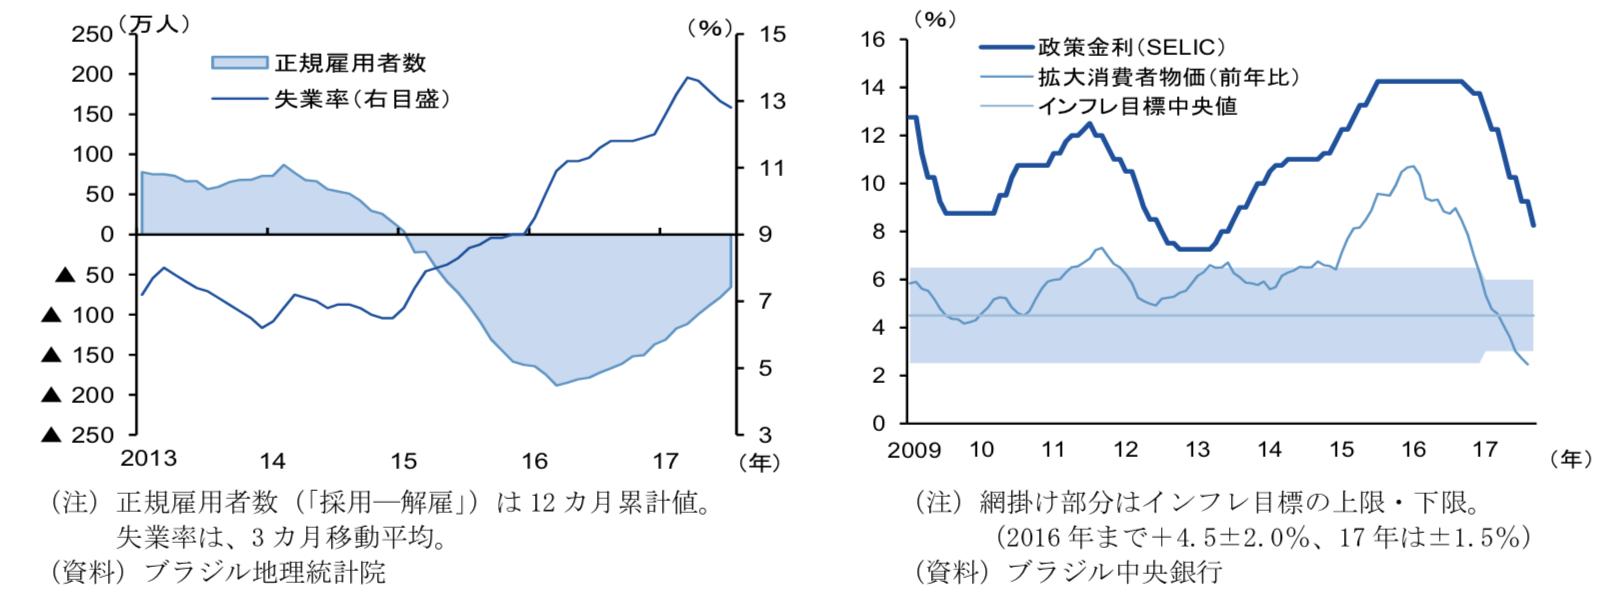 ブラジルの雇用社数と政策金利・インフレ率の推移